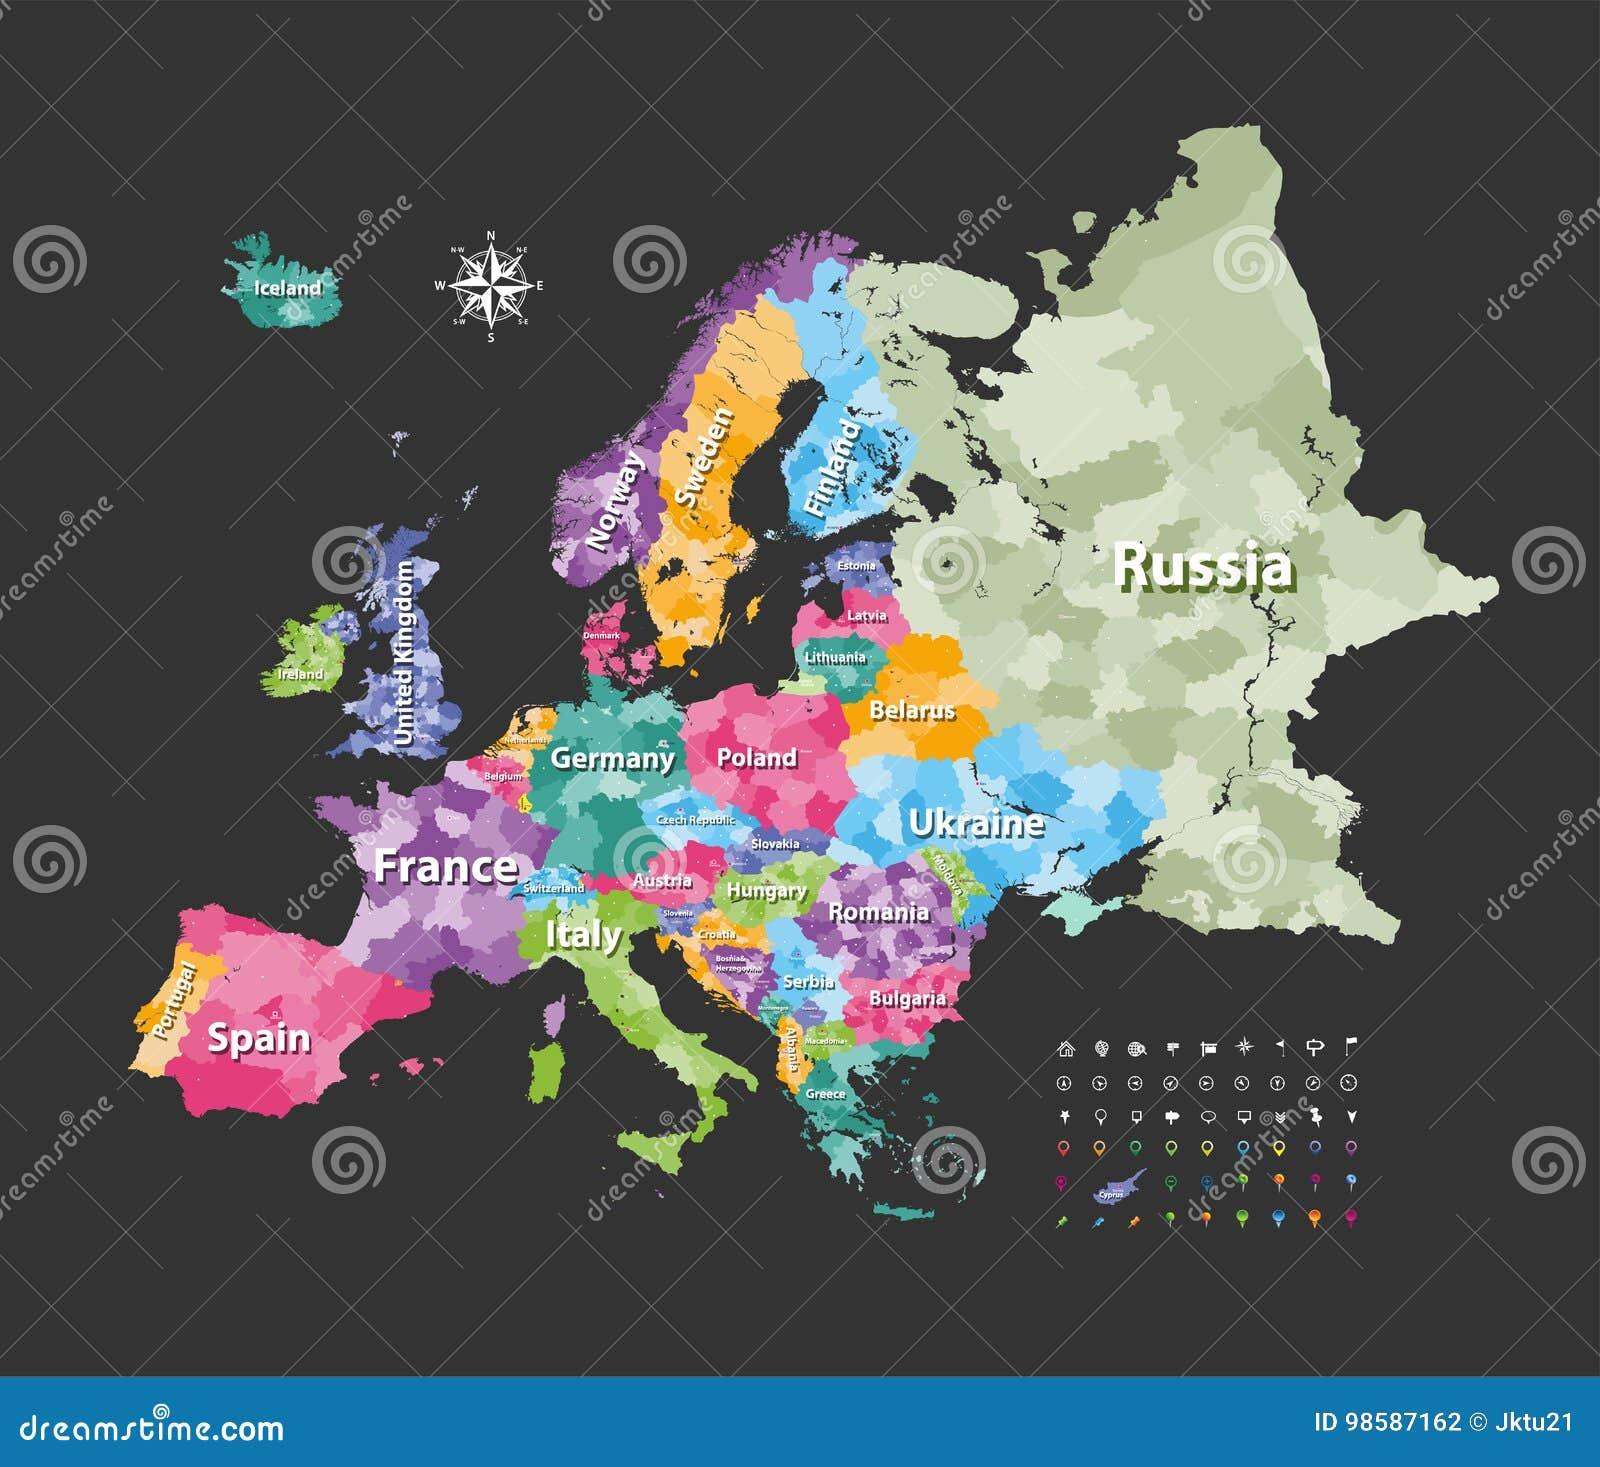 Länder Europas Karte.Europa Karte Gefärbt Durch Länder Mit Regionsgrenzen Vektor